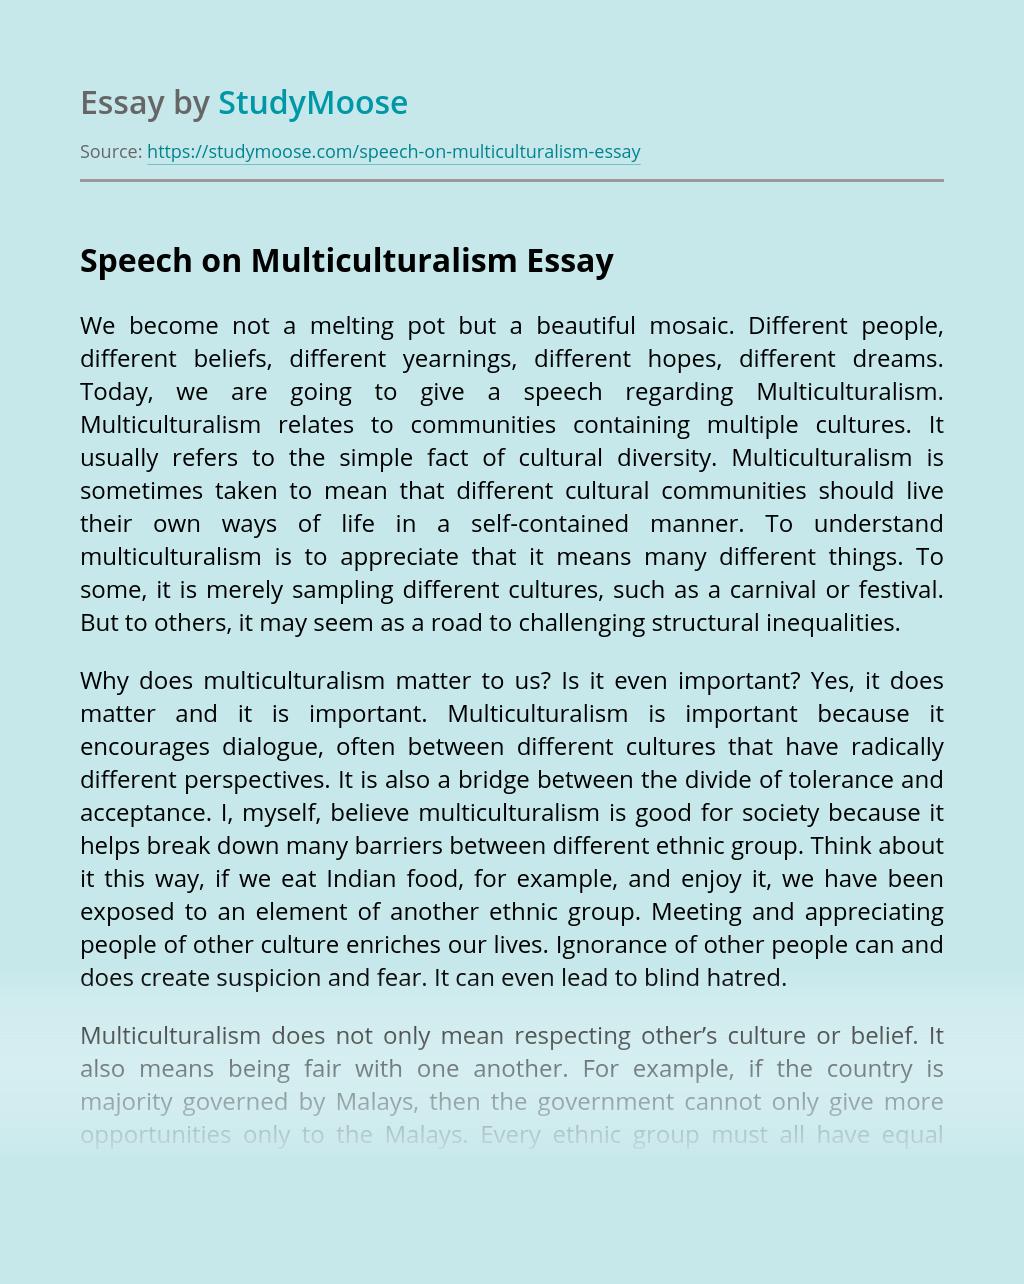 Speech on Multiculturalism